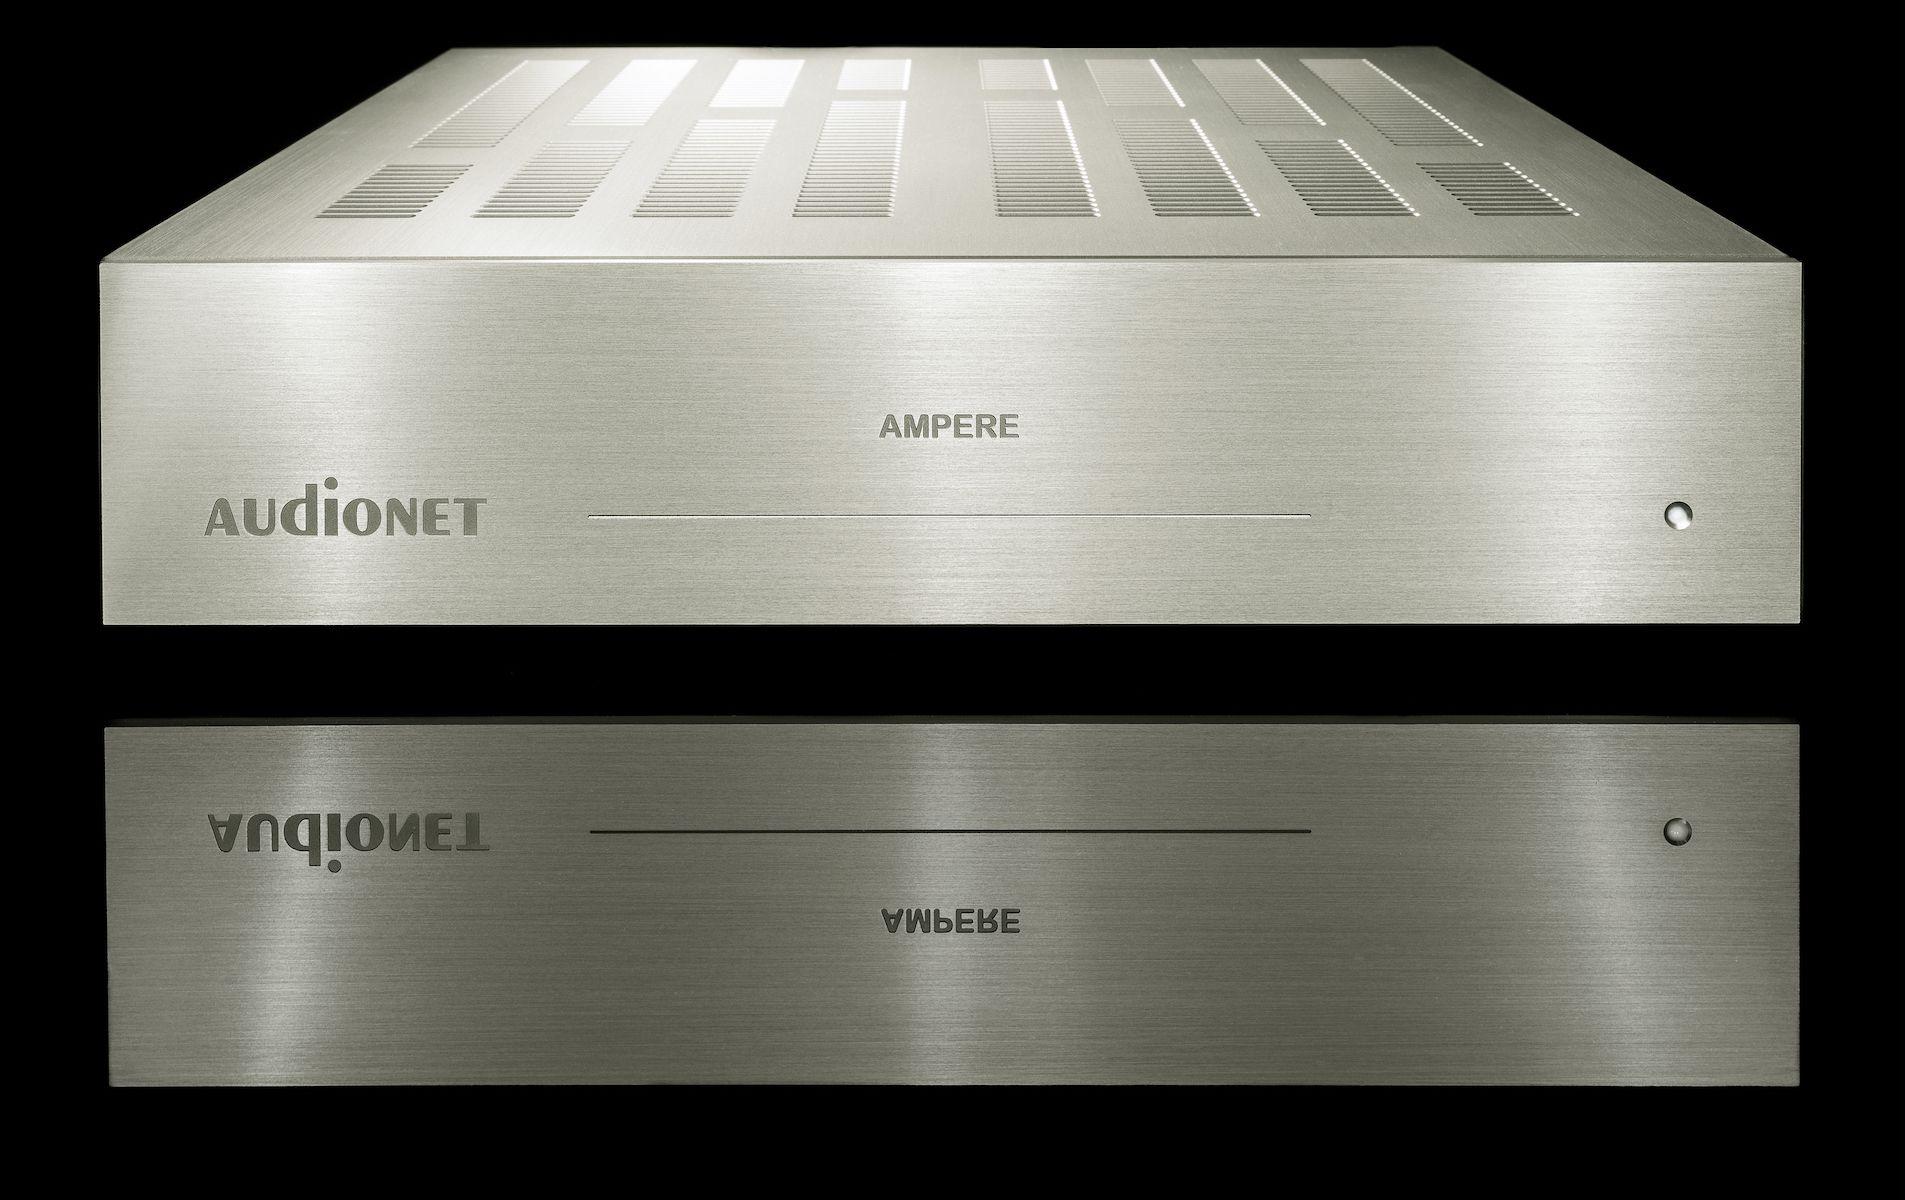 Audionet - Die Referenzreferenz